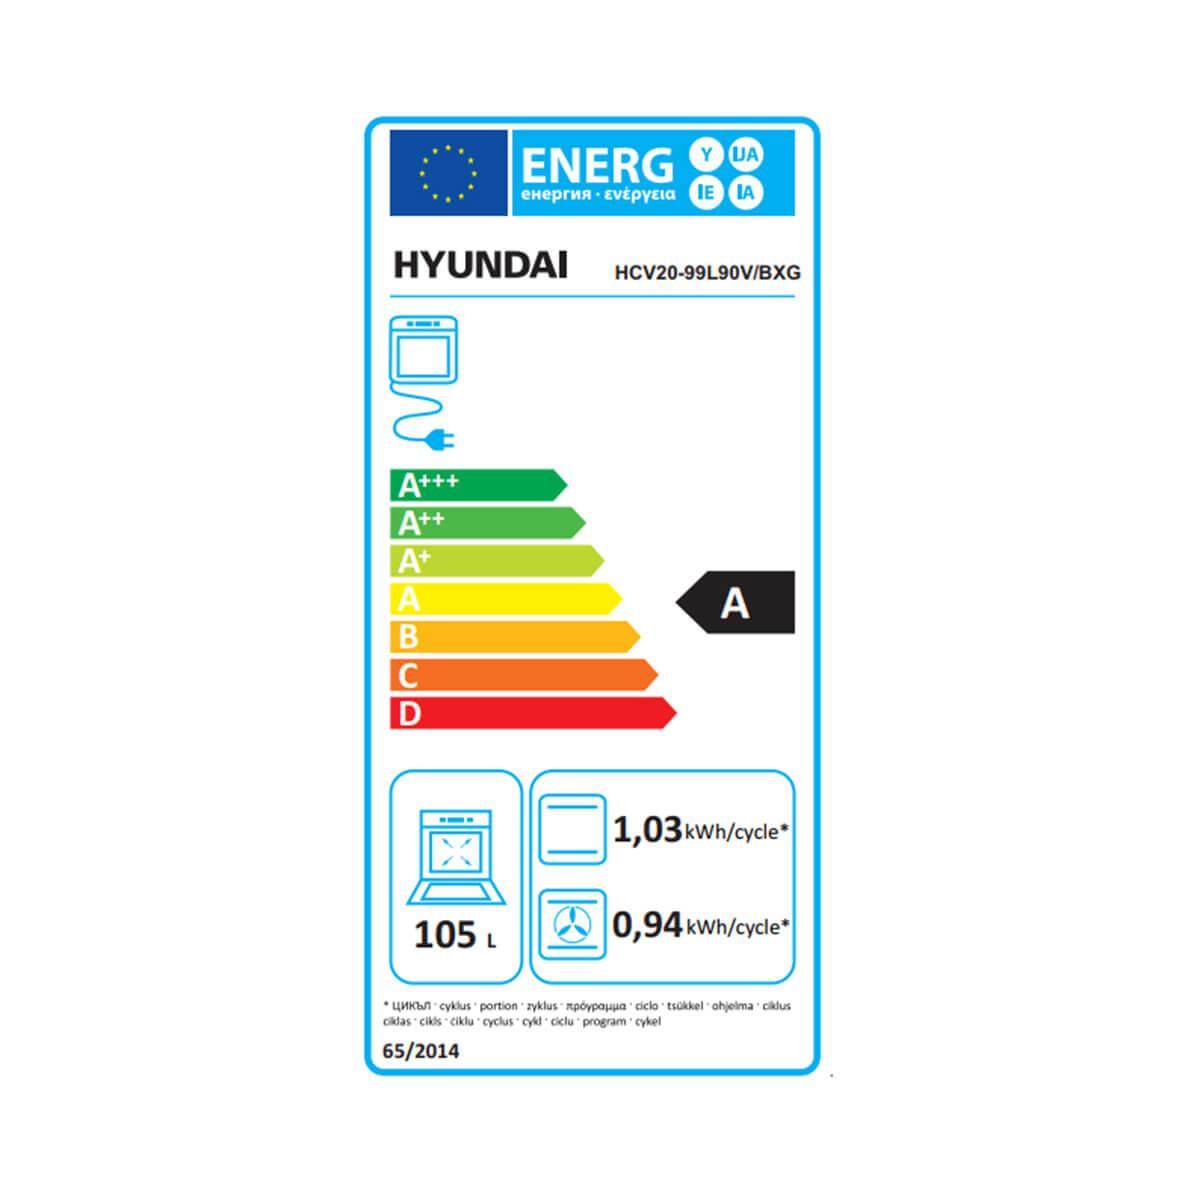 HYUNDAI ΕΛΕΥΘΕΡΗ ΚΟΥΖΙΝΑ HCV20-99L90V/BXG 8